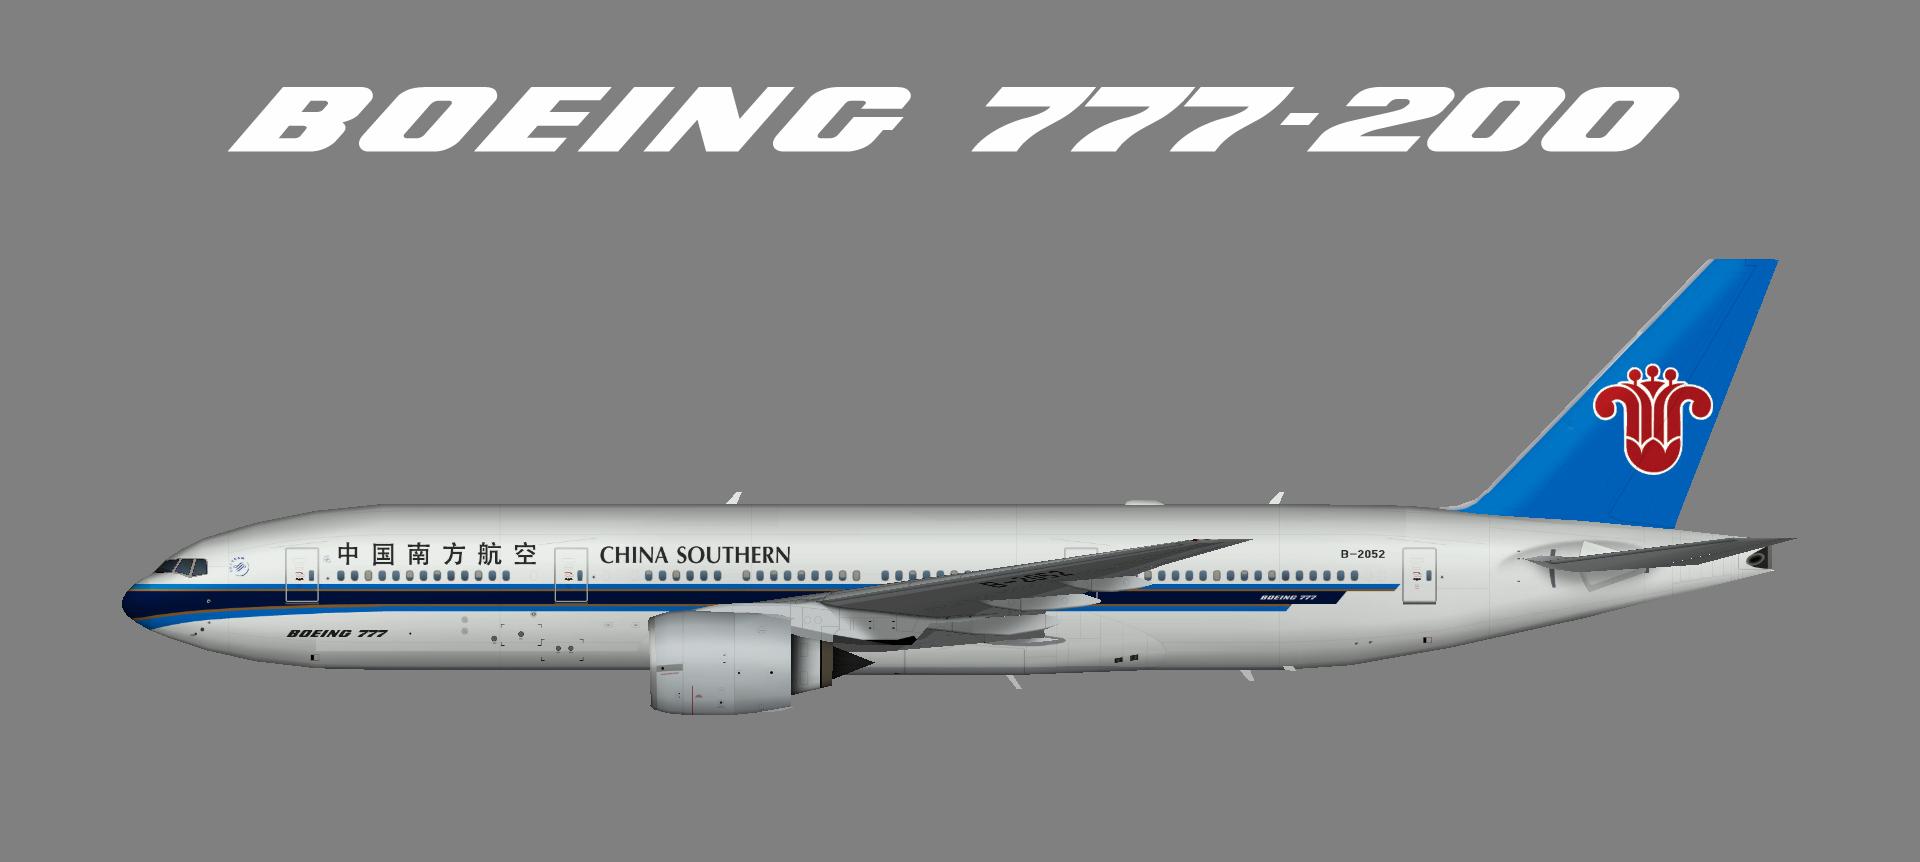 China Southern 777-200